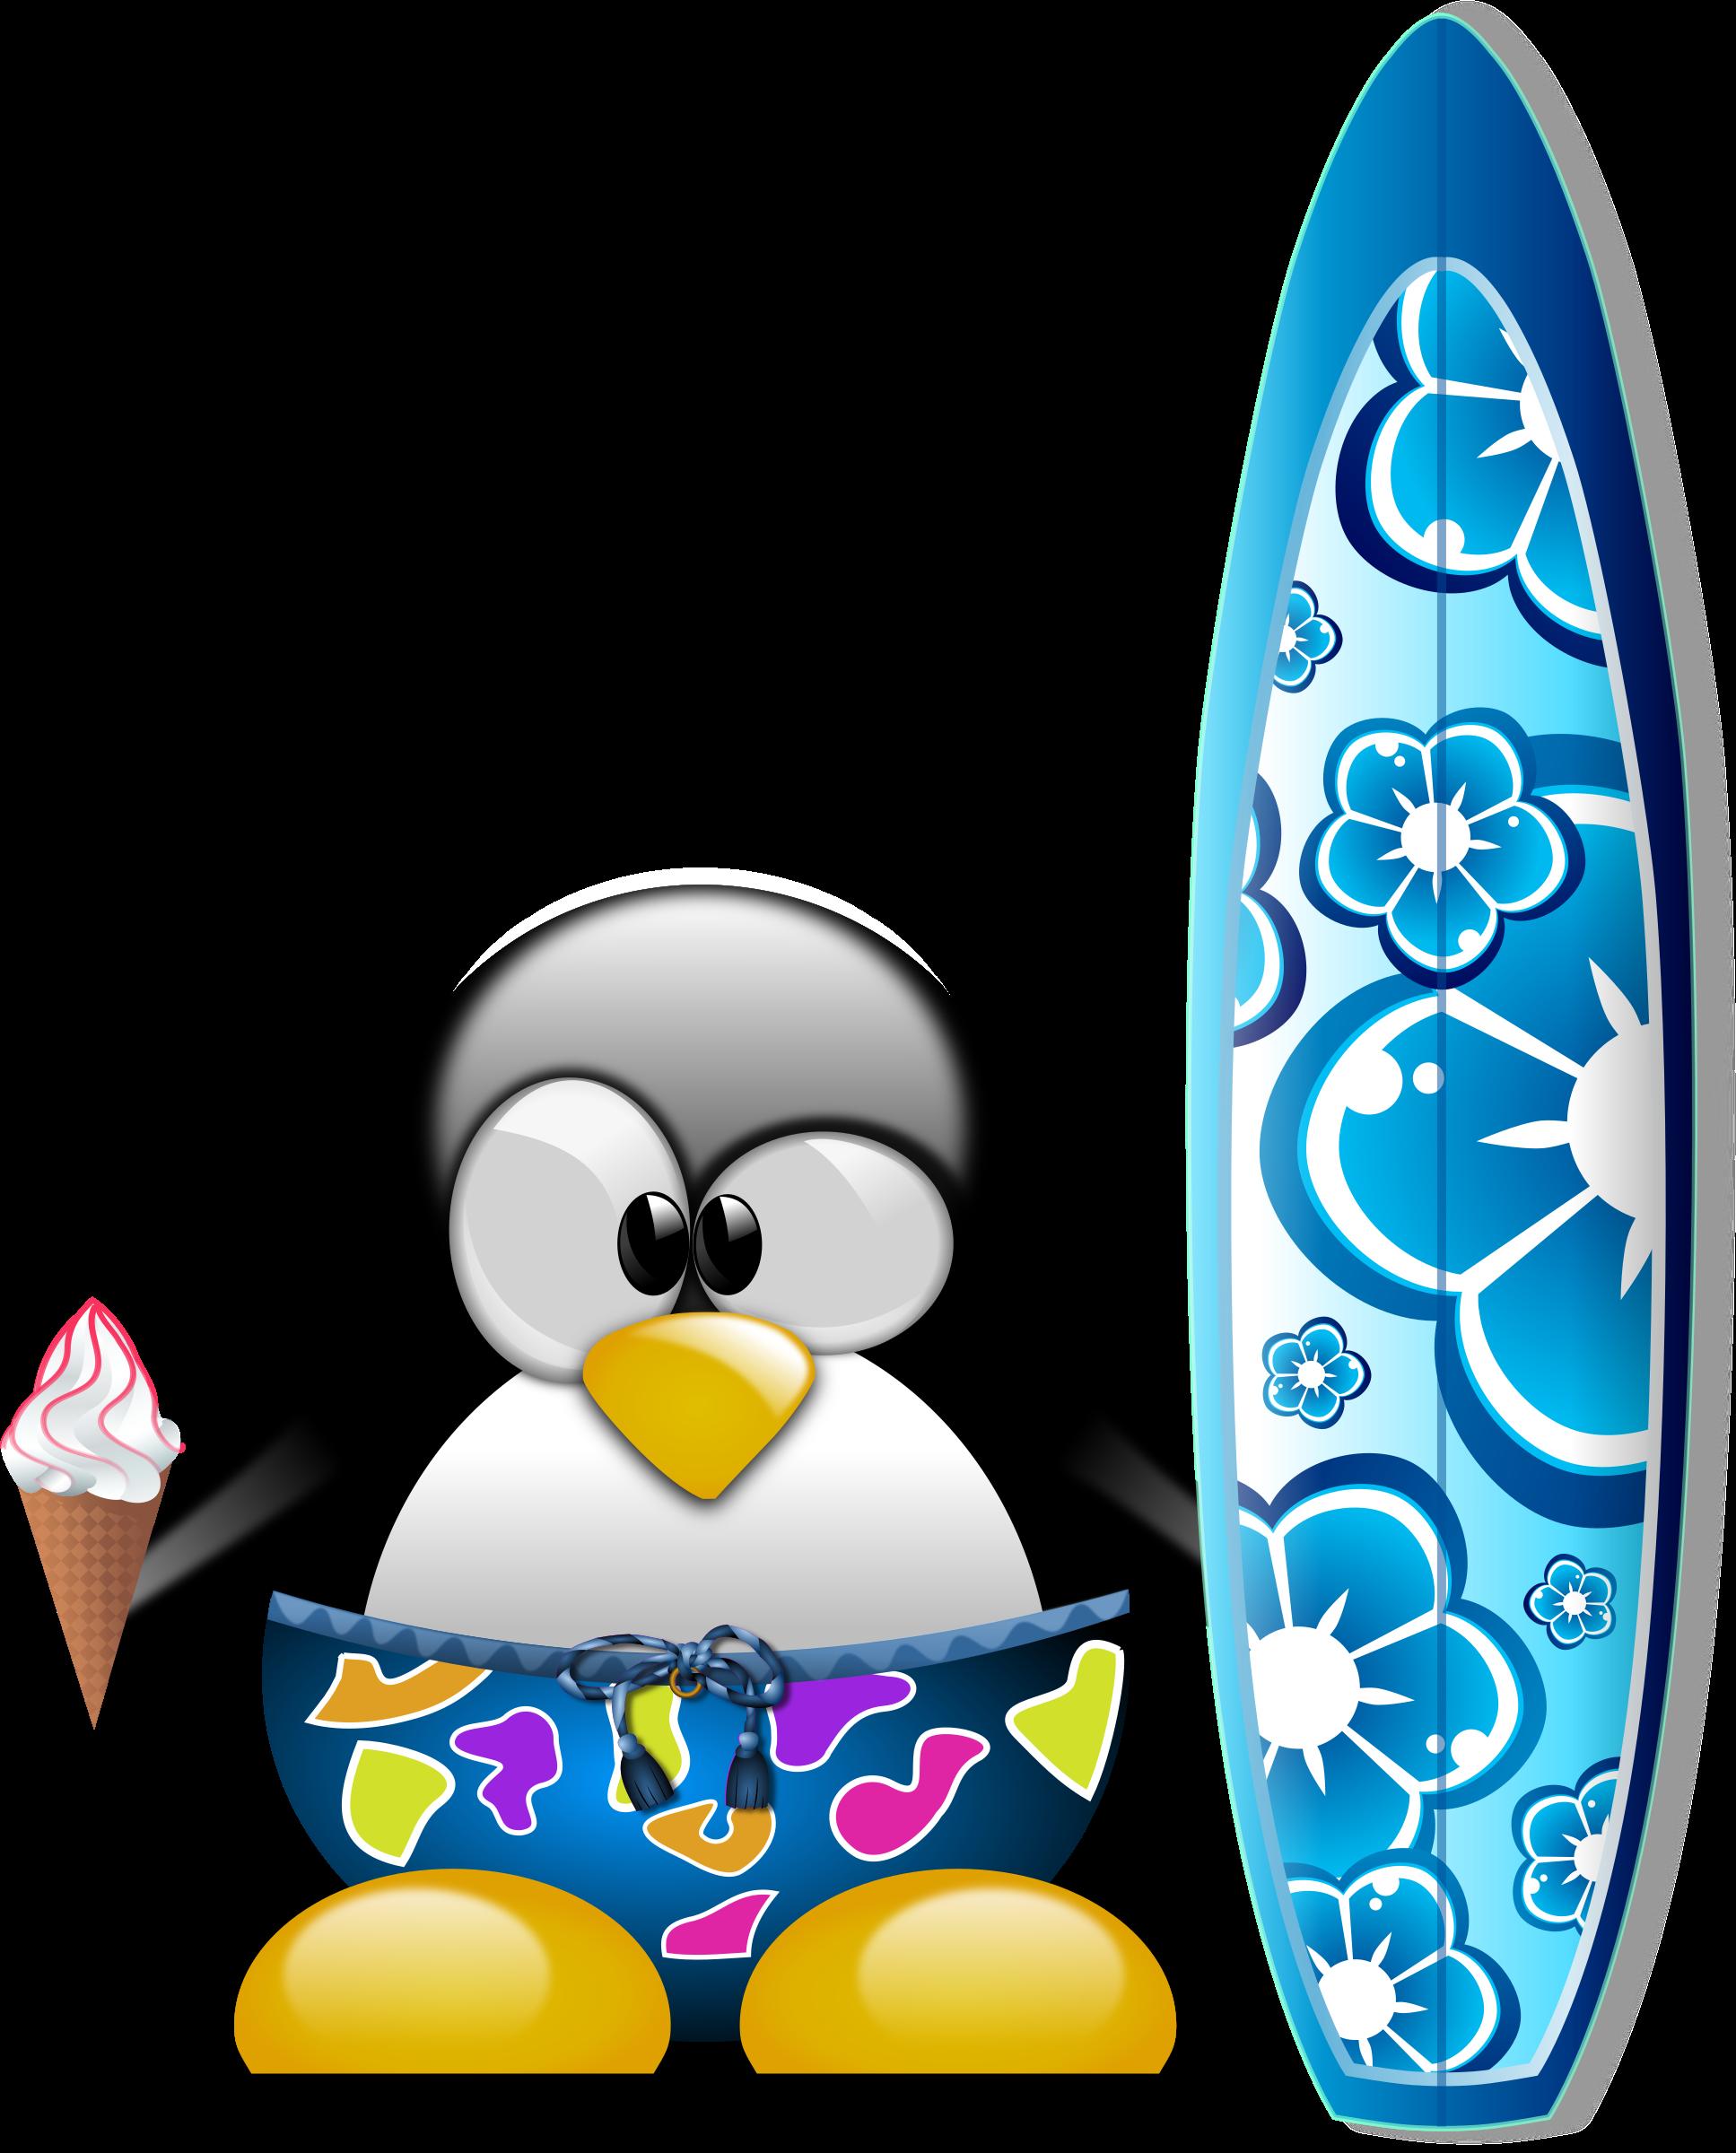 Tux the surfer big. Clipart penquin ice cream